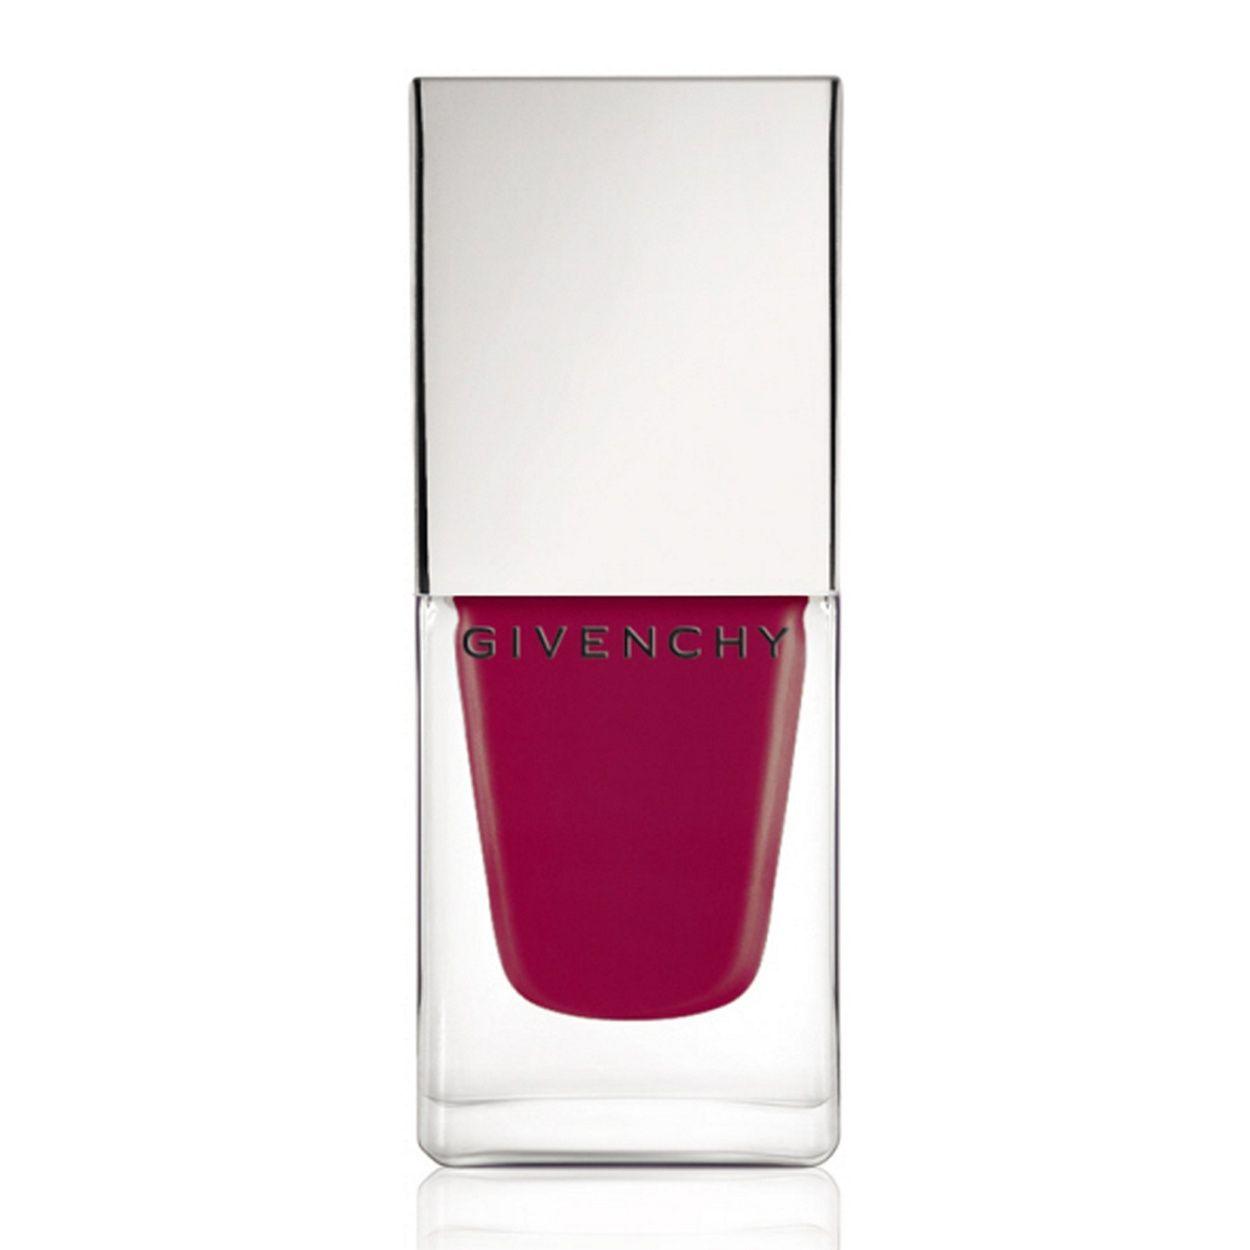 Givenchy Le Vernis Rose Satin No. 17 10ml- at Debenhams.com   Beauty ...